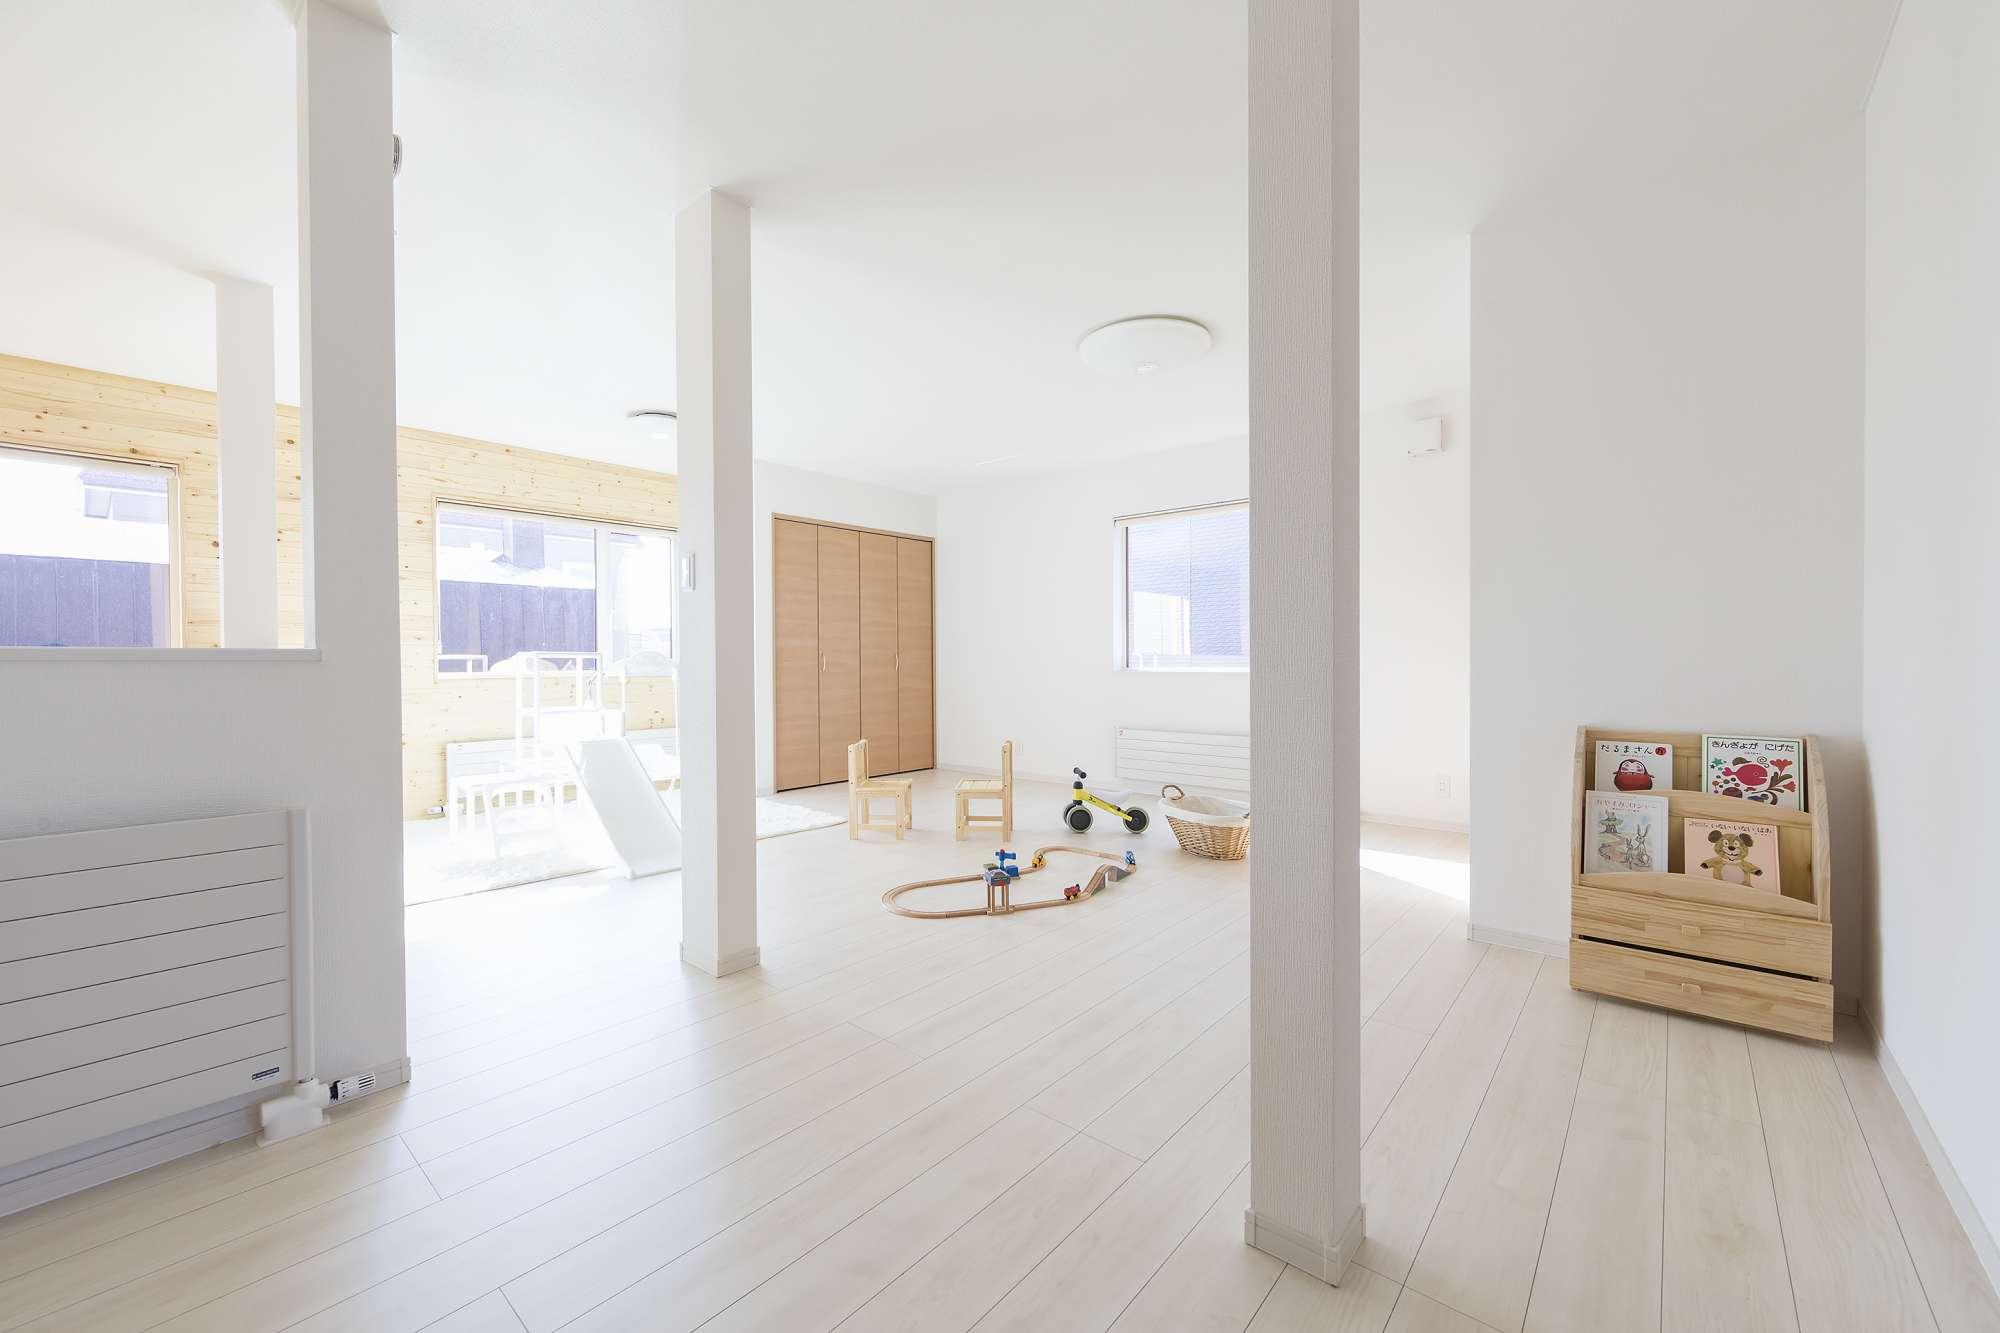 2階の子ども部屋 - 2人のお子さんが走り回れるほど広い部屋は、ドアも壁もないフルーオープン。 -  -